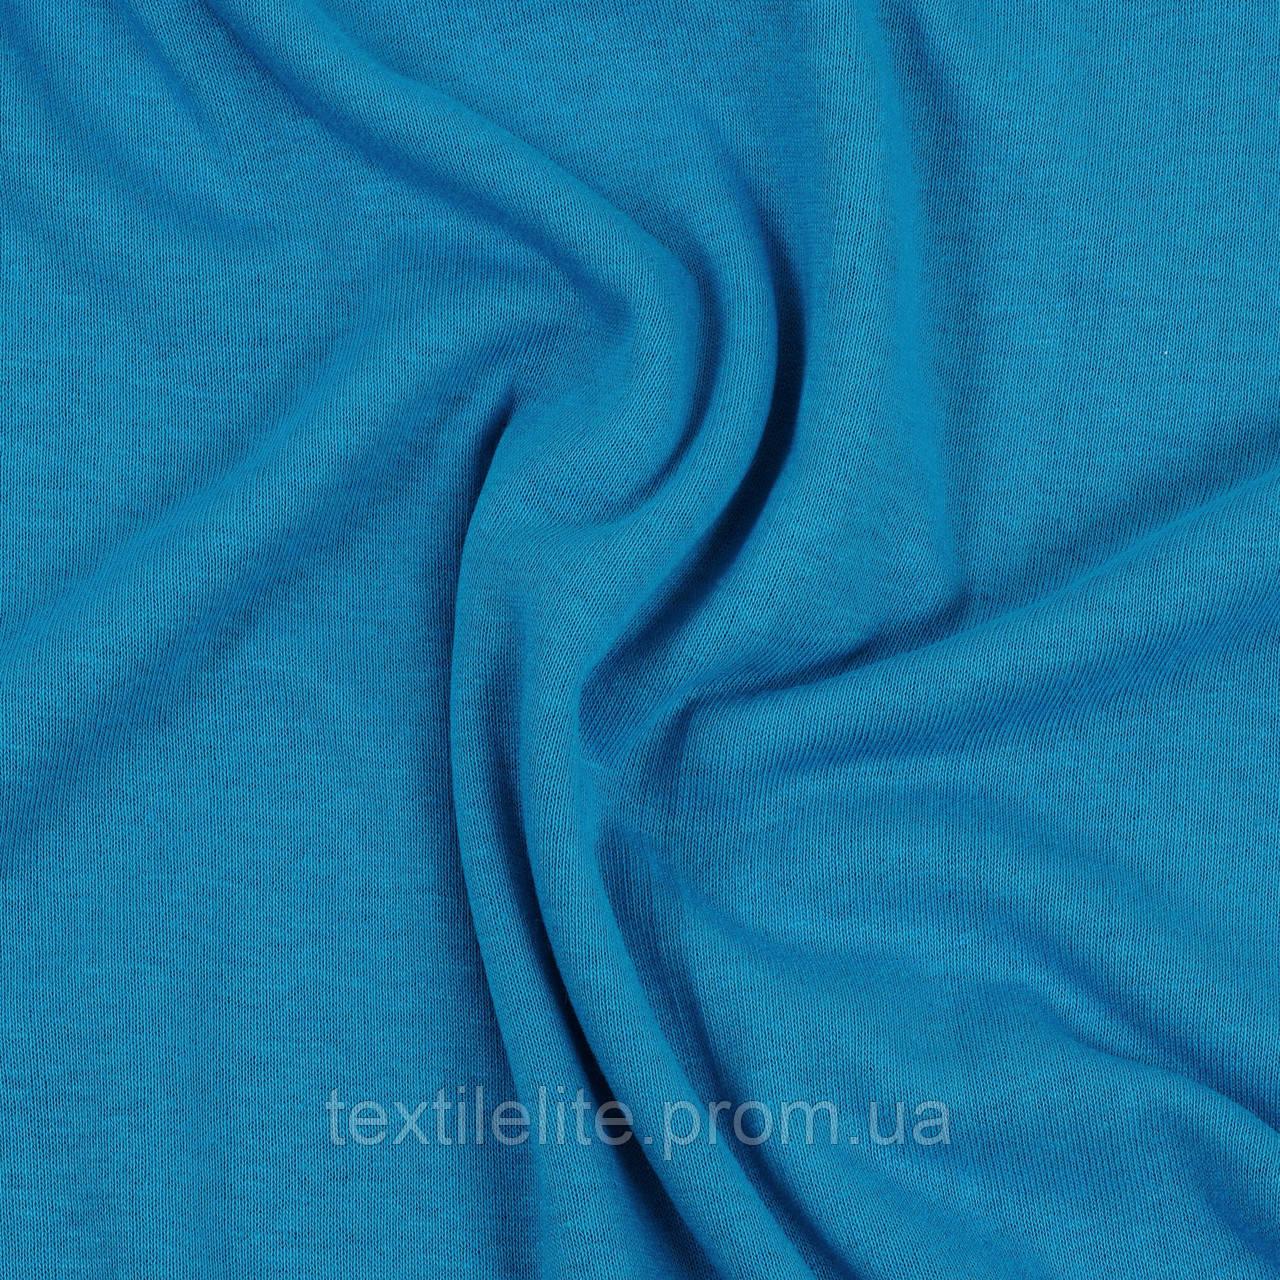 Кулирная гладь ткань оптом, синий светлый, 100% хлопок, Турция